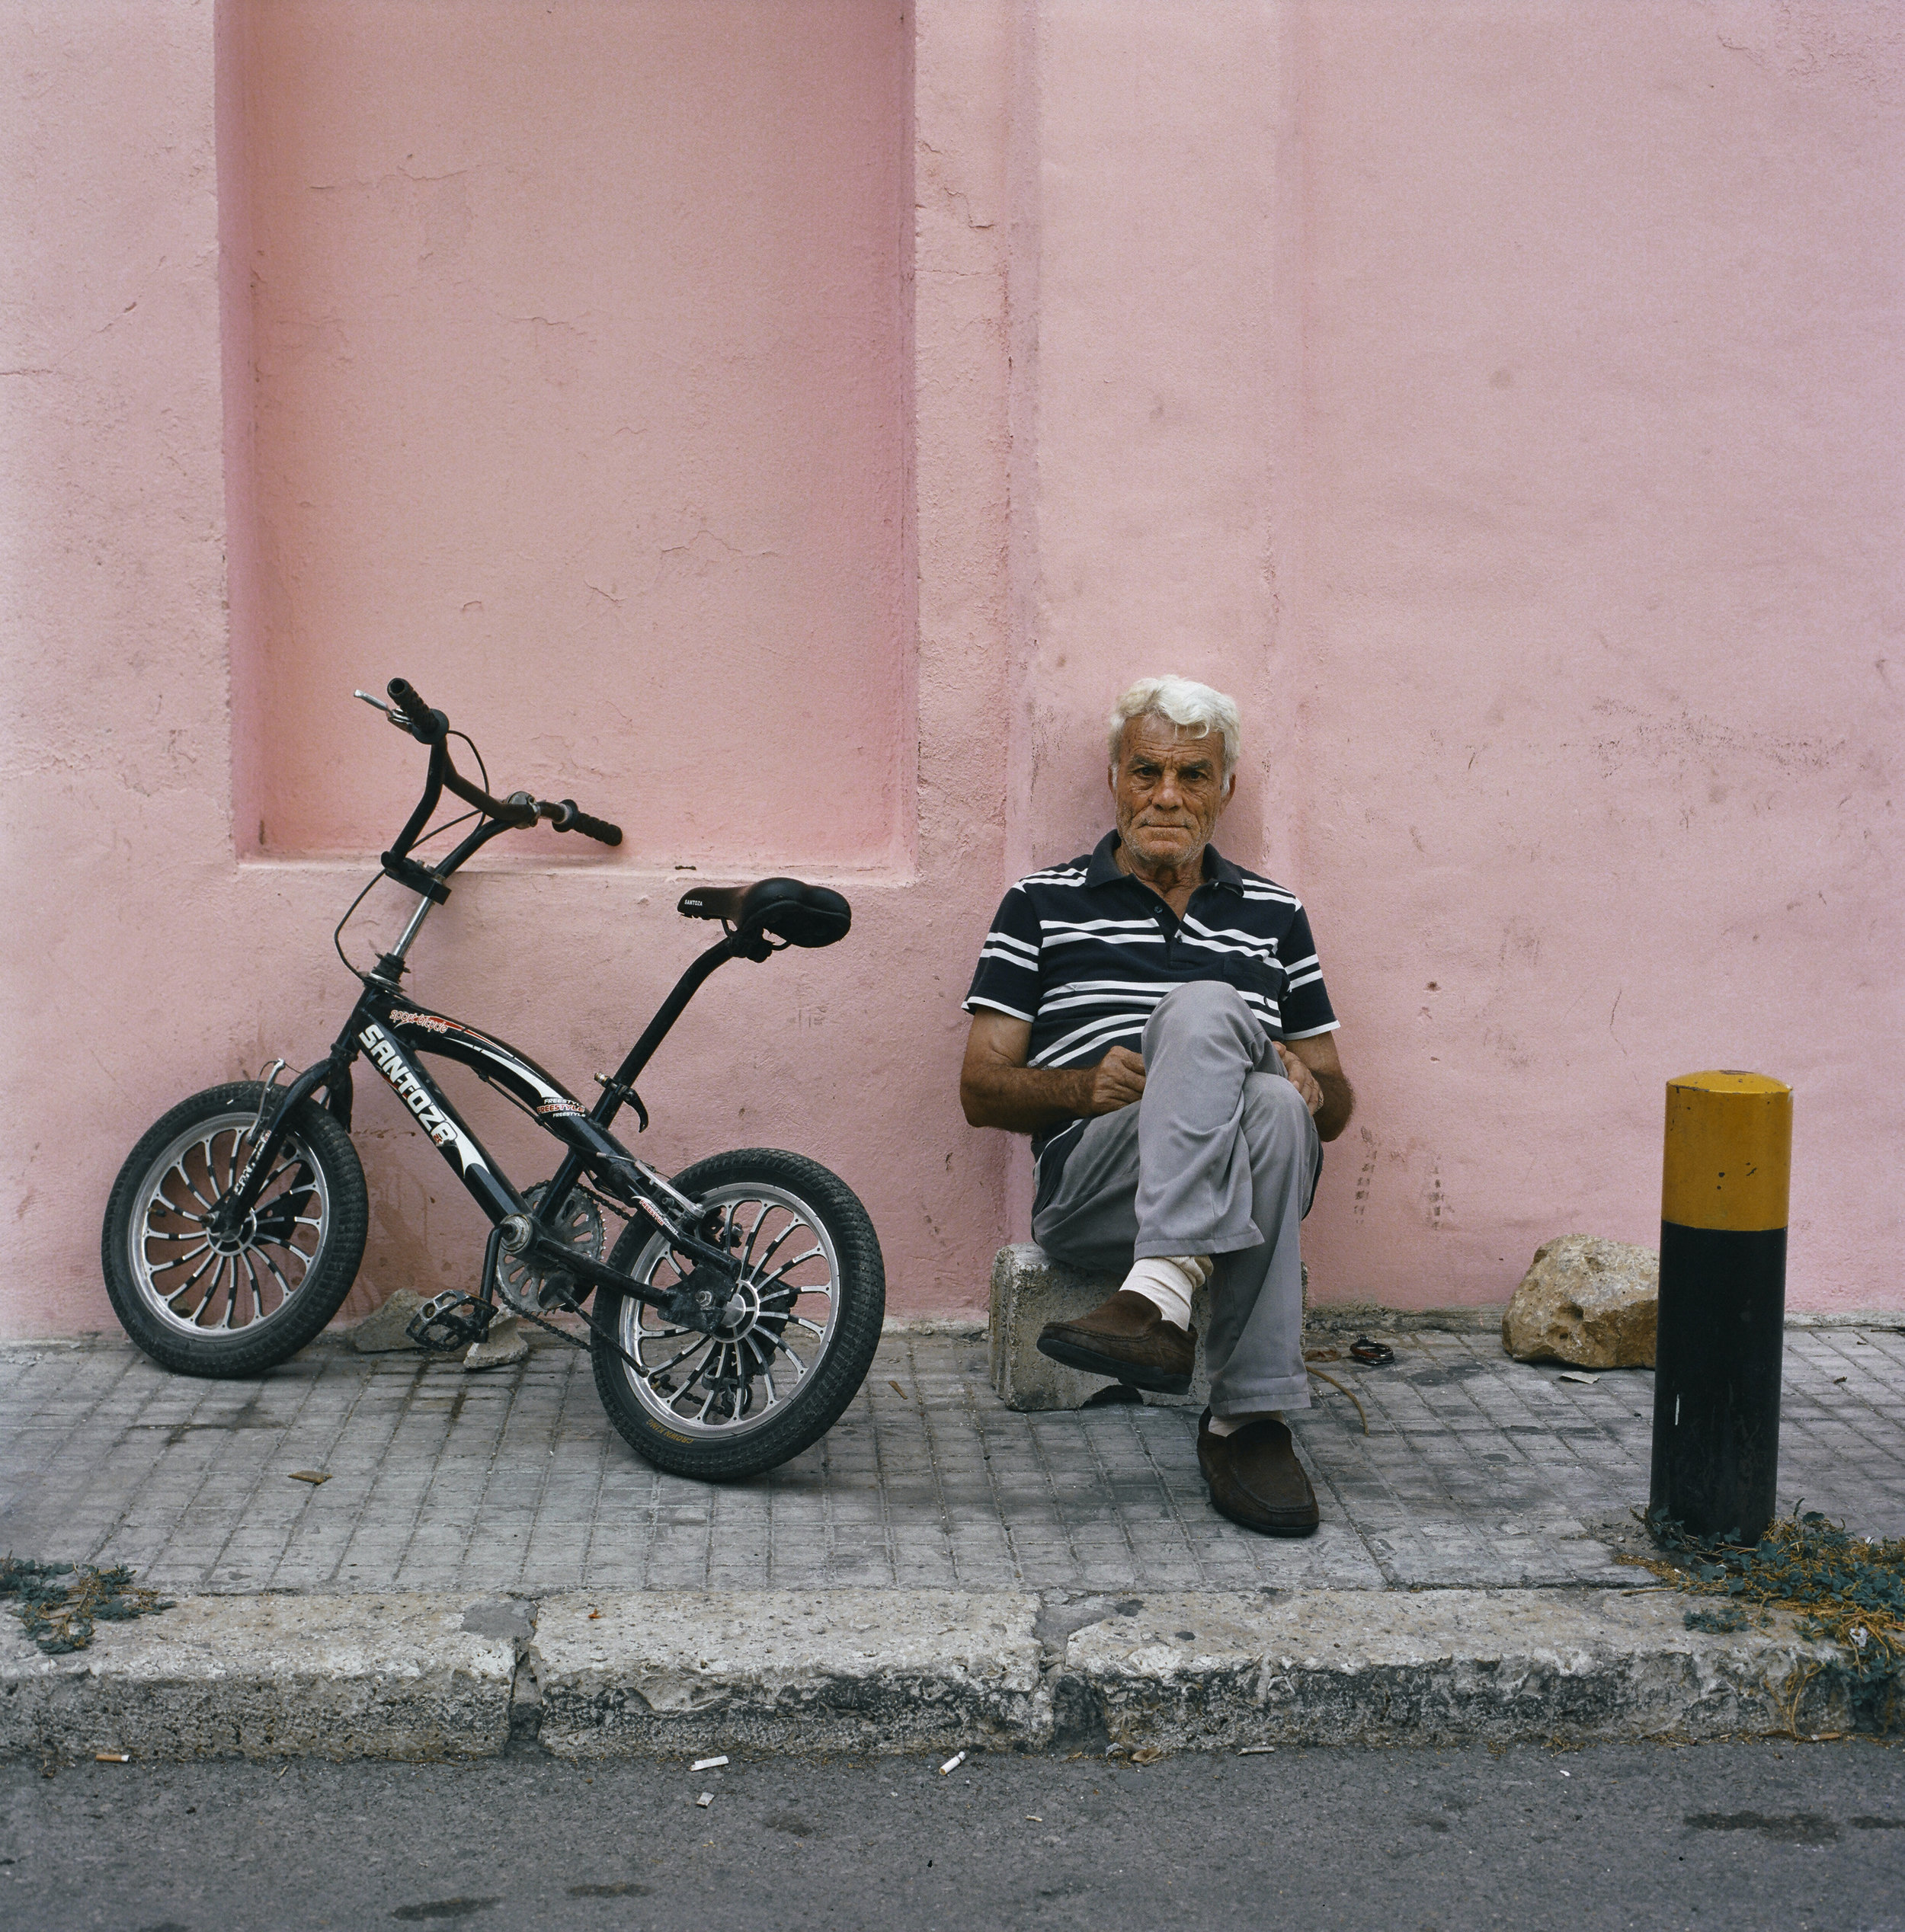 pink wall/lebanon